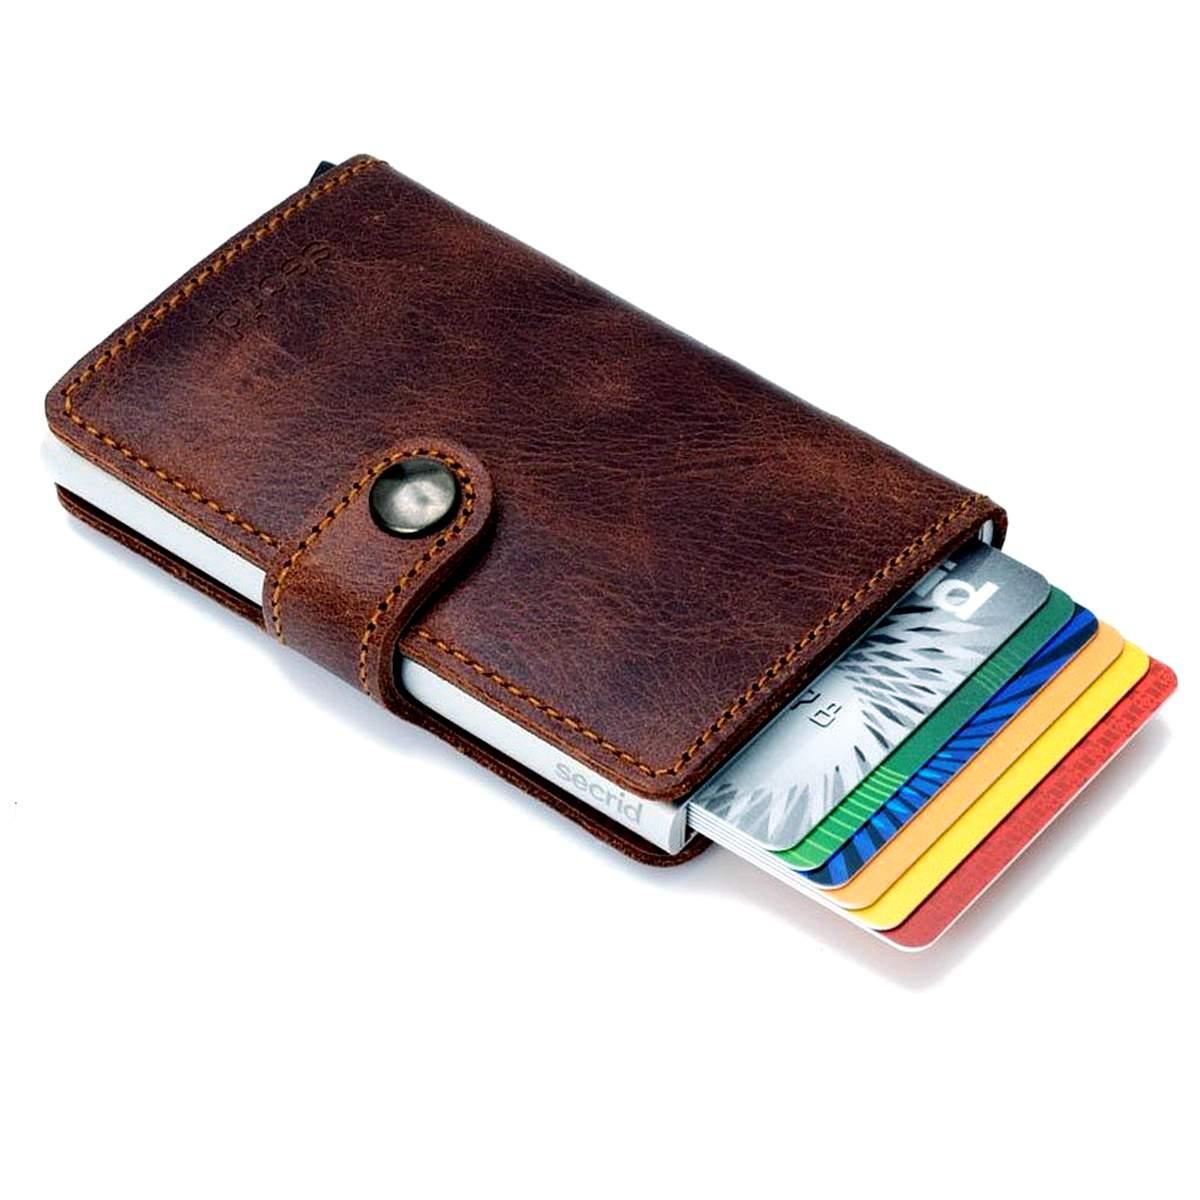 Secrid RFID secure credit card miniwallet vintage brown leather